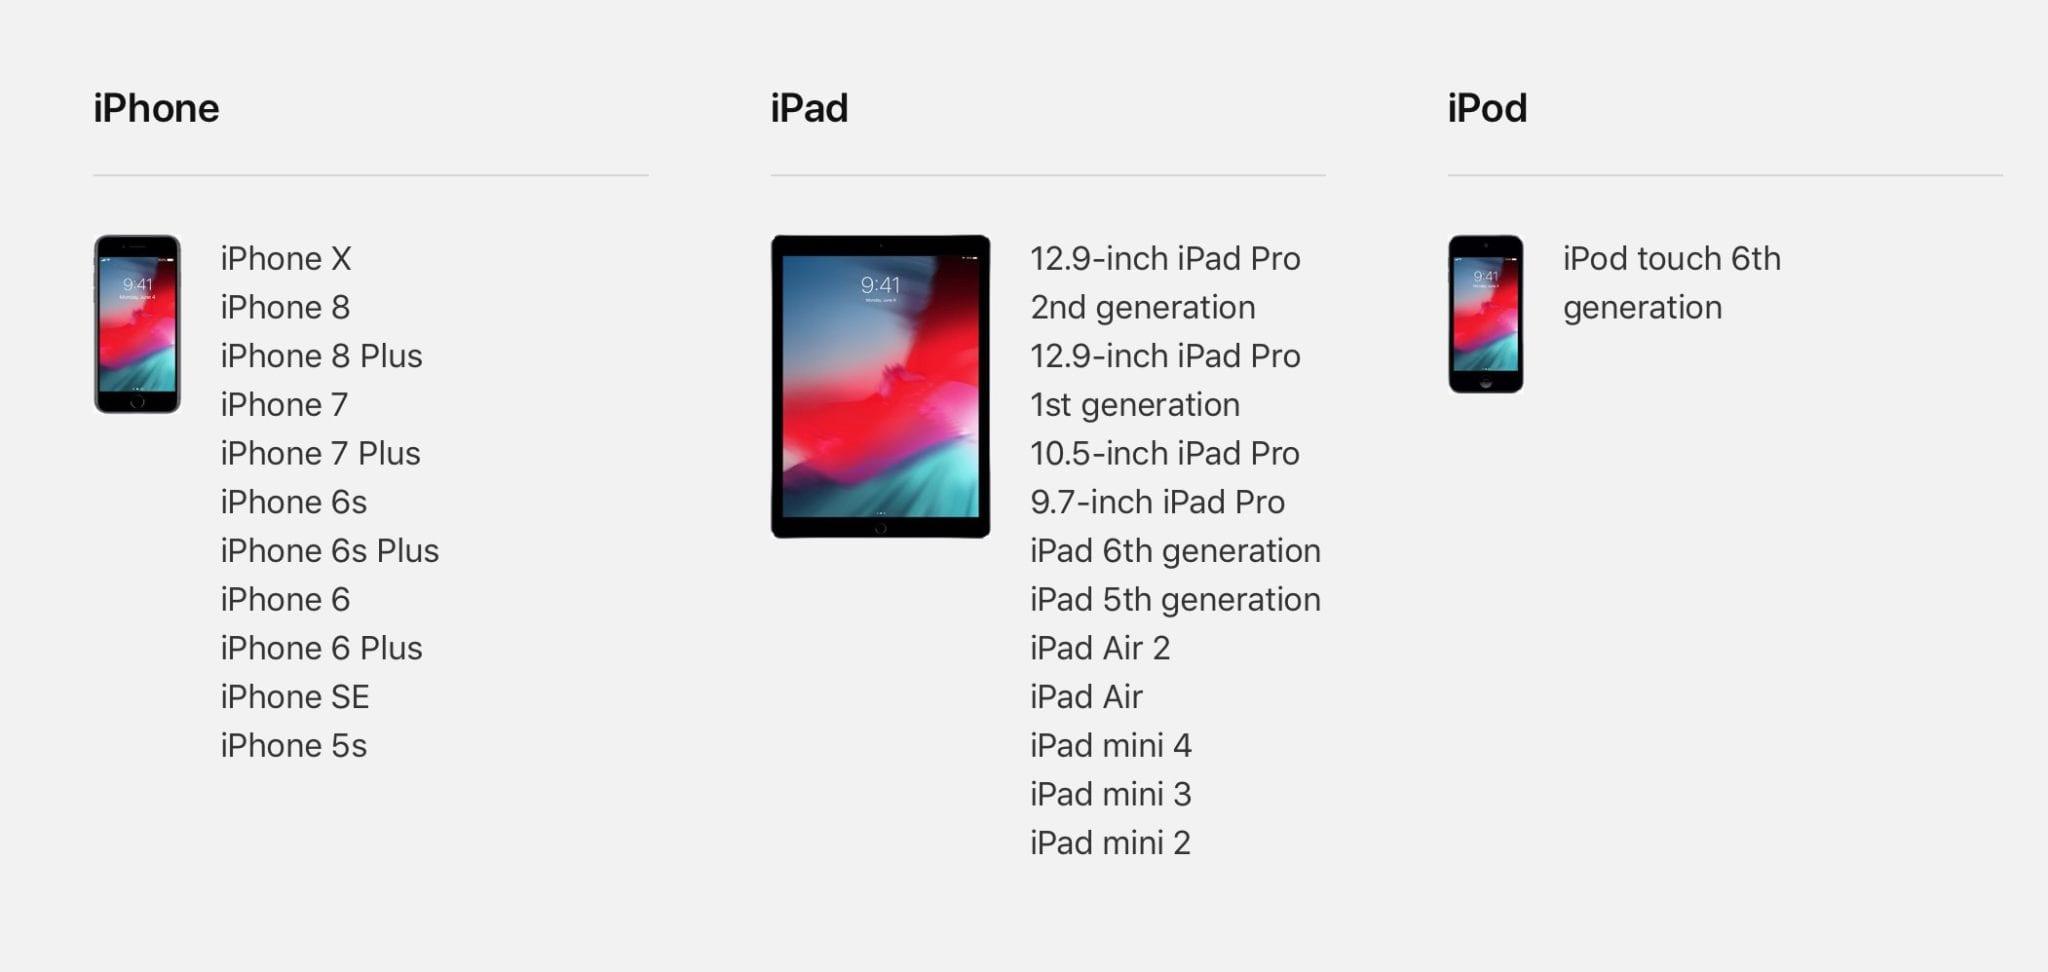 ios 12 compatibility - Zde je seznam zařízení, na které bude možné nainstalovat iOS 12